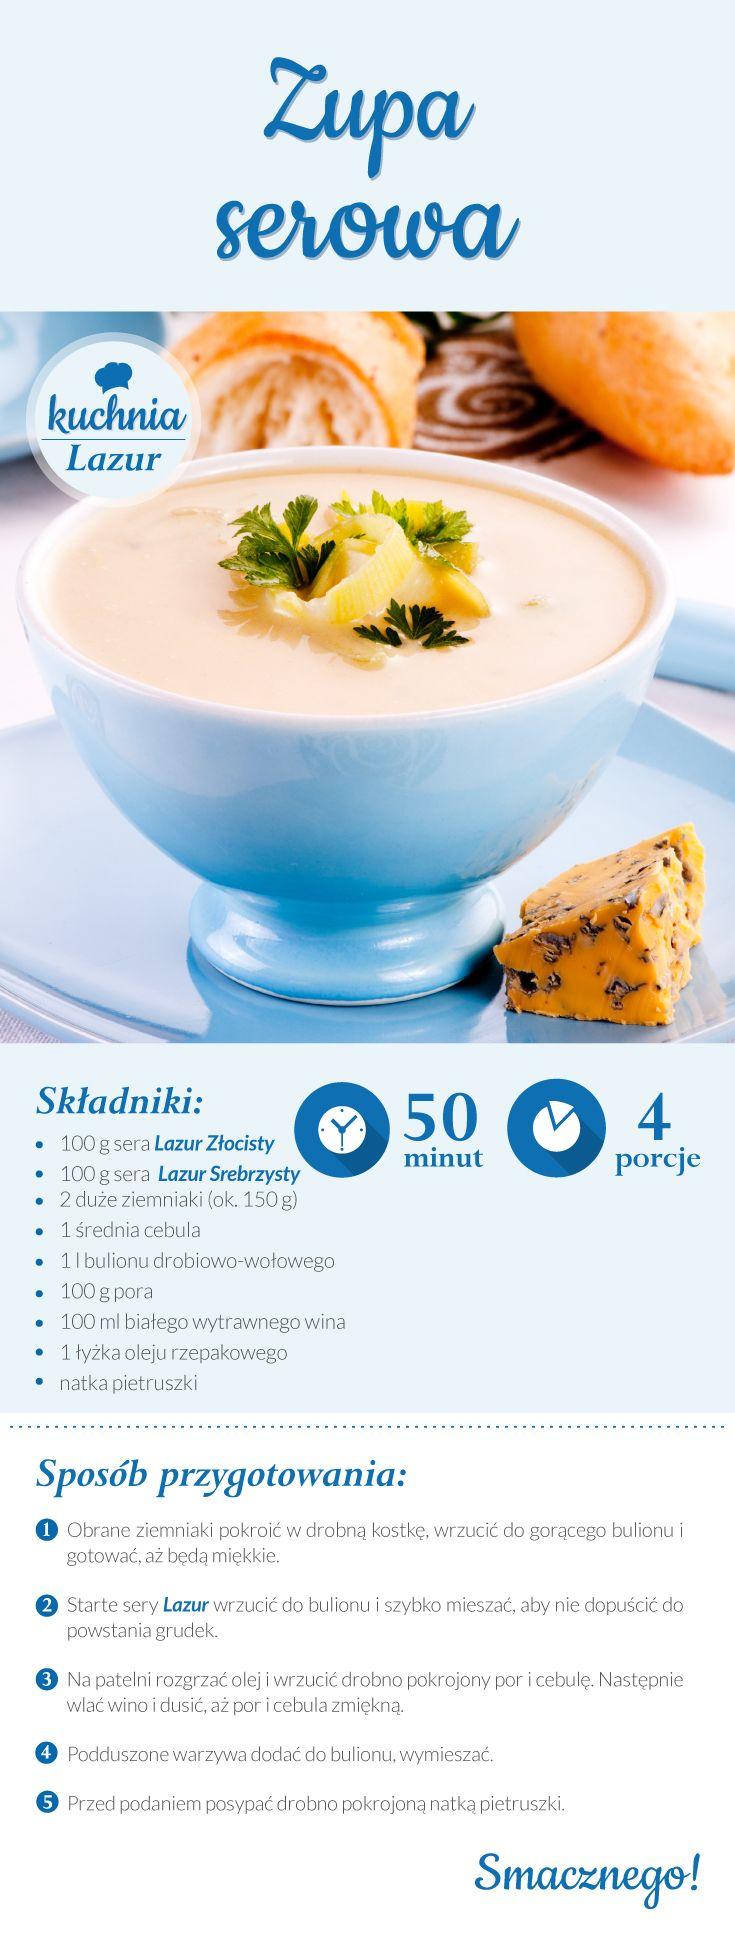 Zupa serowa /zupa /ser /Lazur /ser pleśniowy /rokpol /przepisy ...